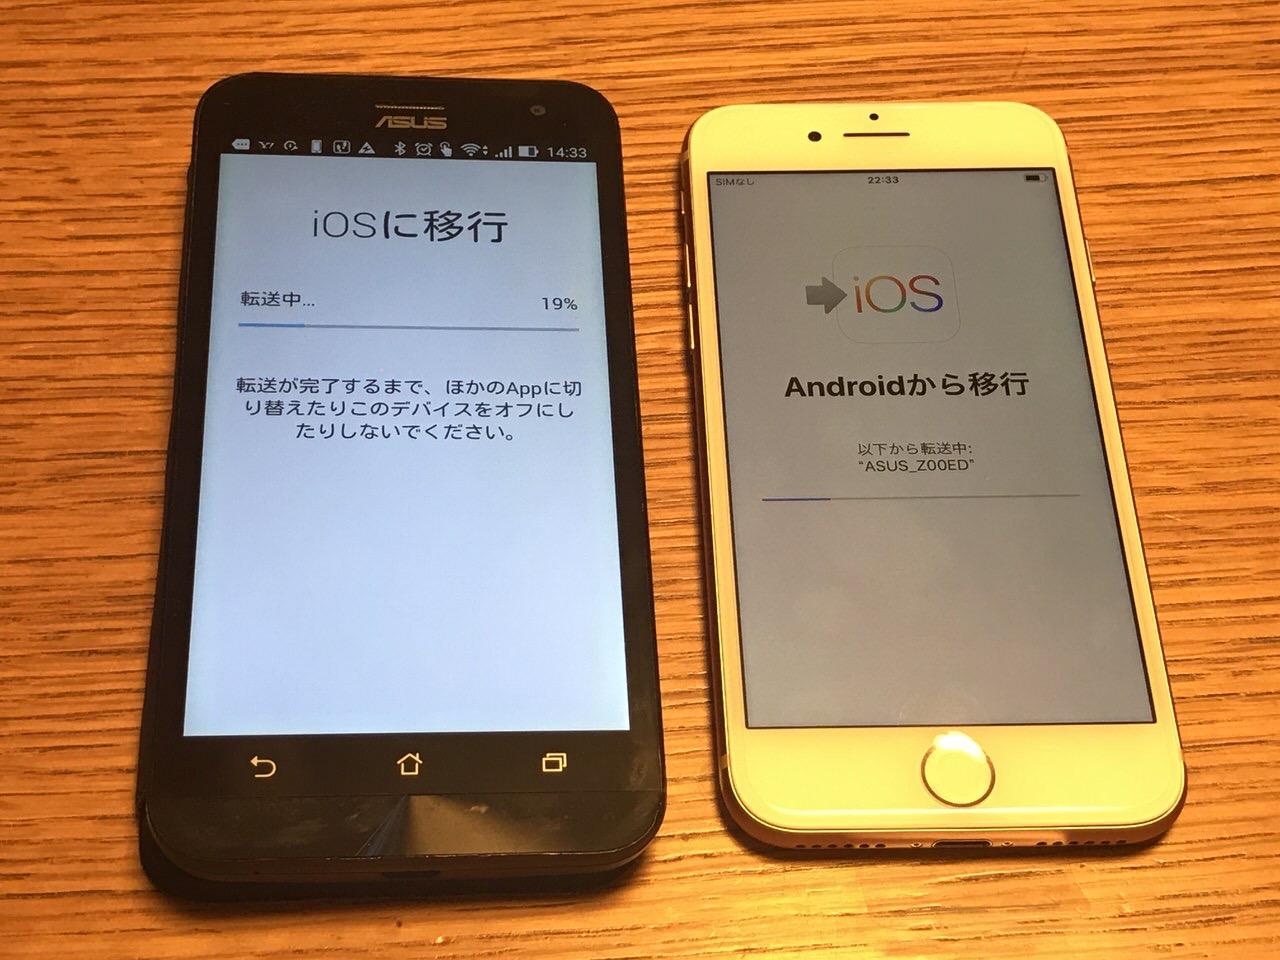 AndroidからiPhoneに機種変更してみた話 8